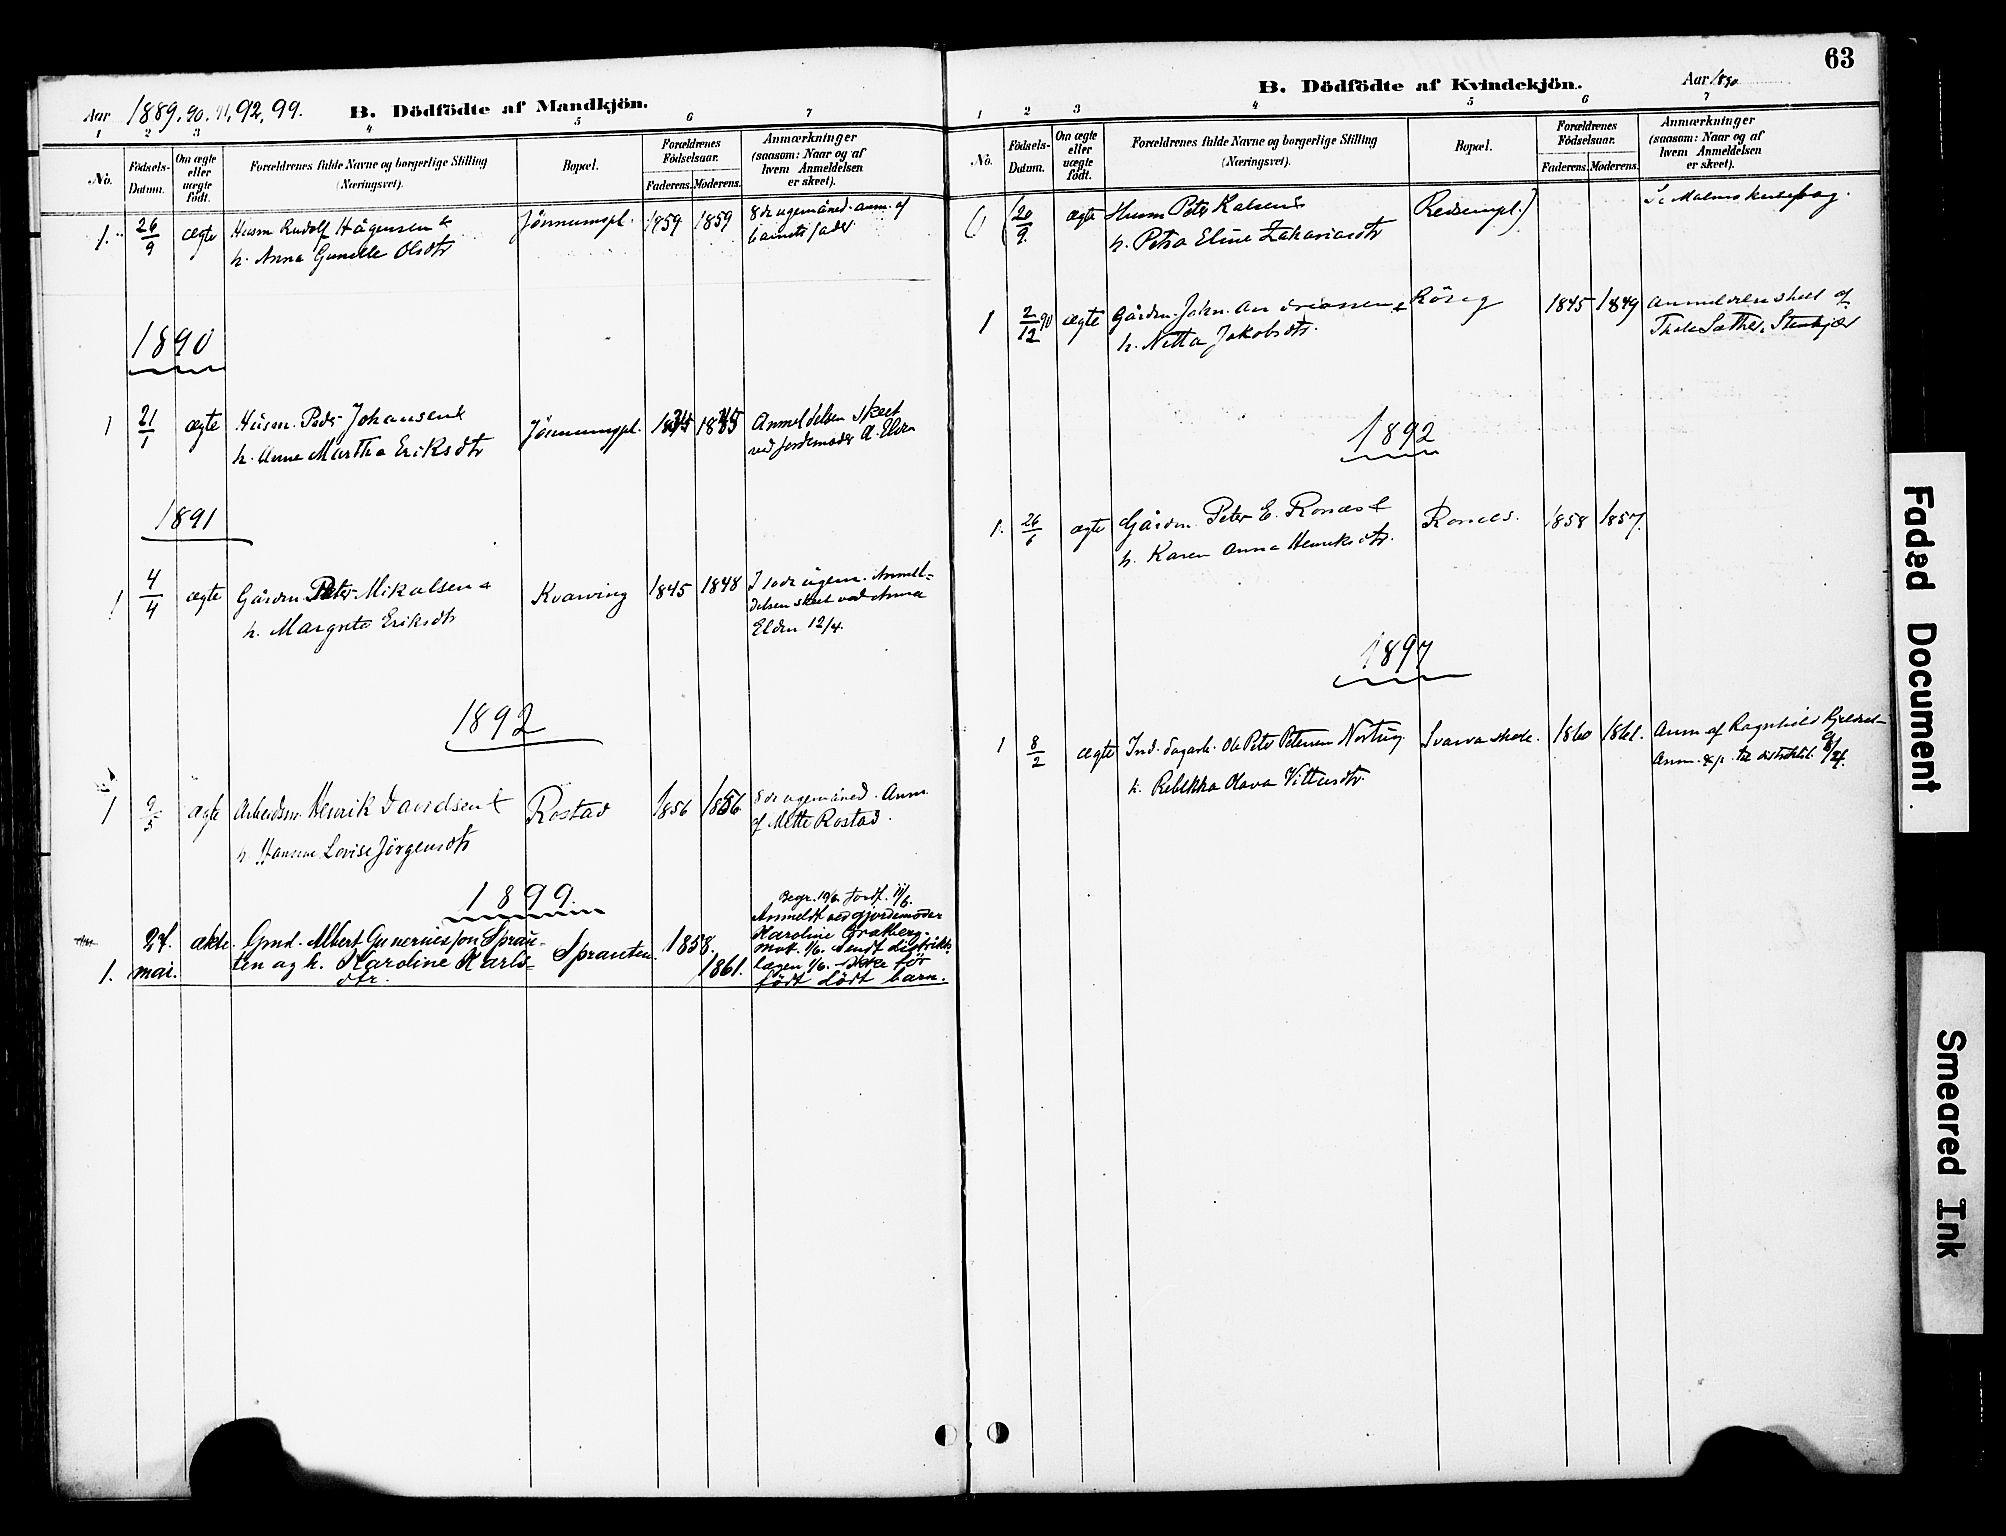 SAT, Ministerialprotokoller, klokkerbøker og fødselsregistre - Nord-Trøndelag, 741/L0396: Ministerialbok nr. 741A10, 1889-1901, s. 63